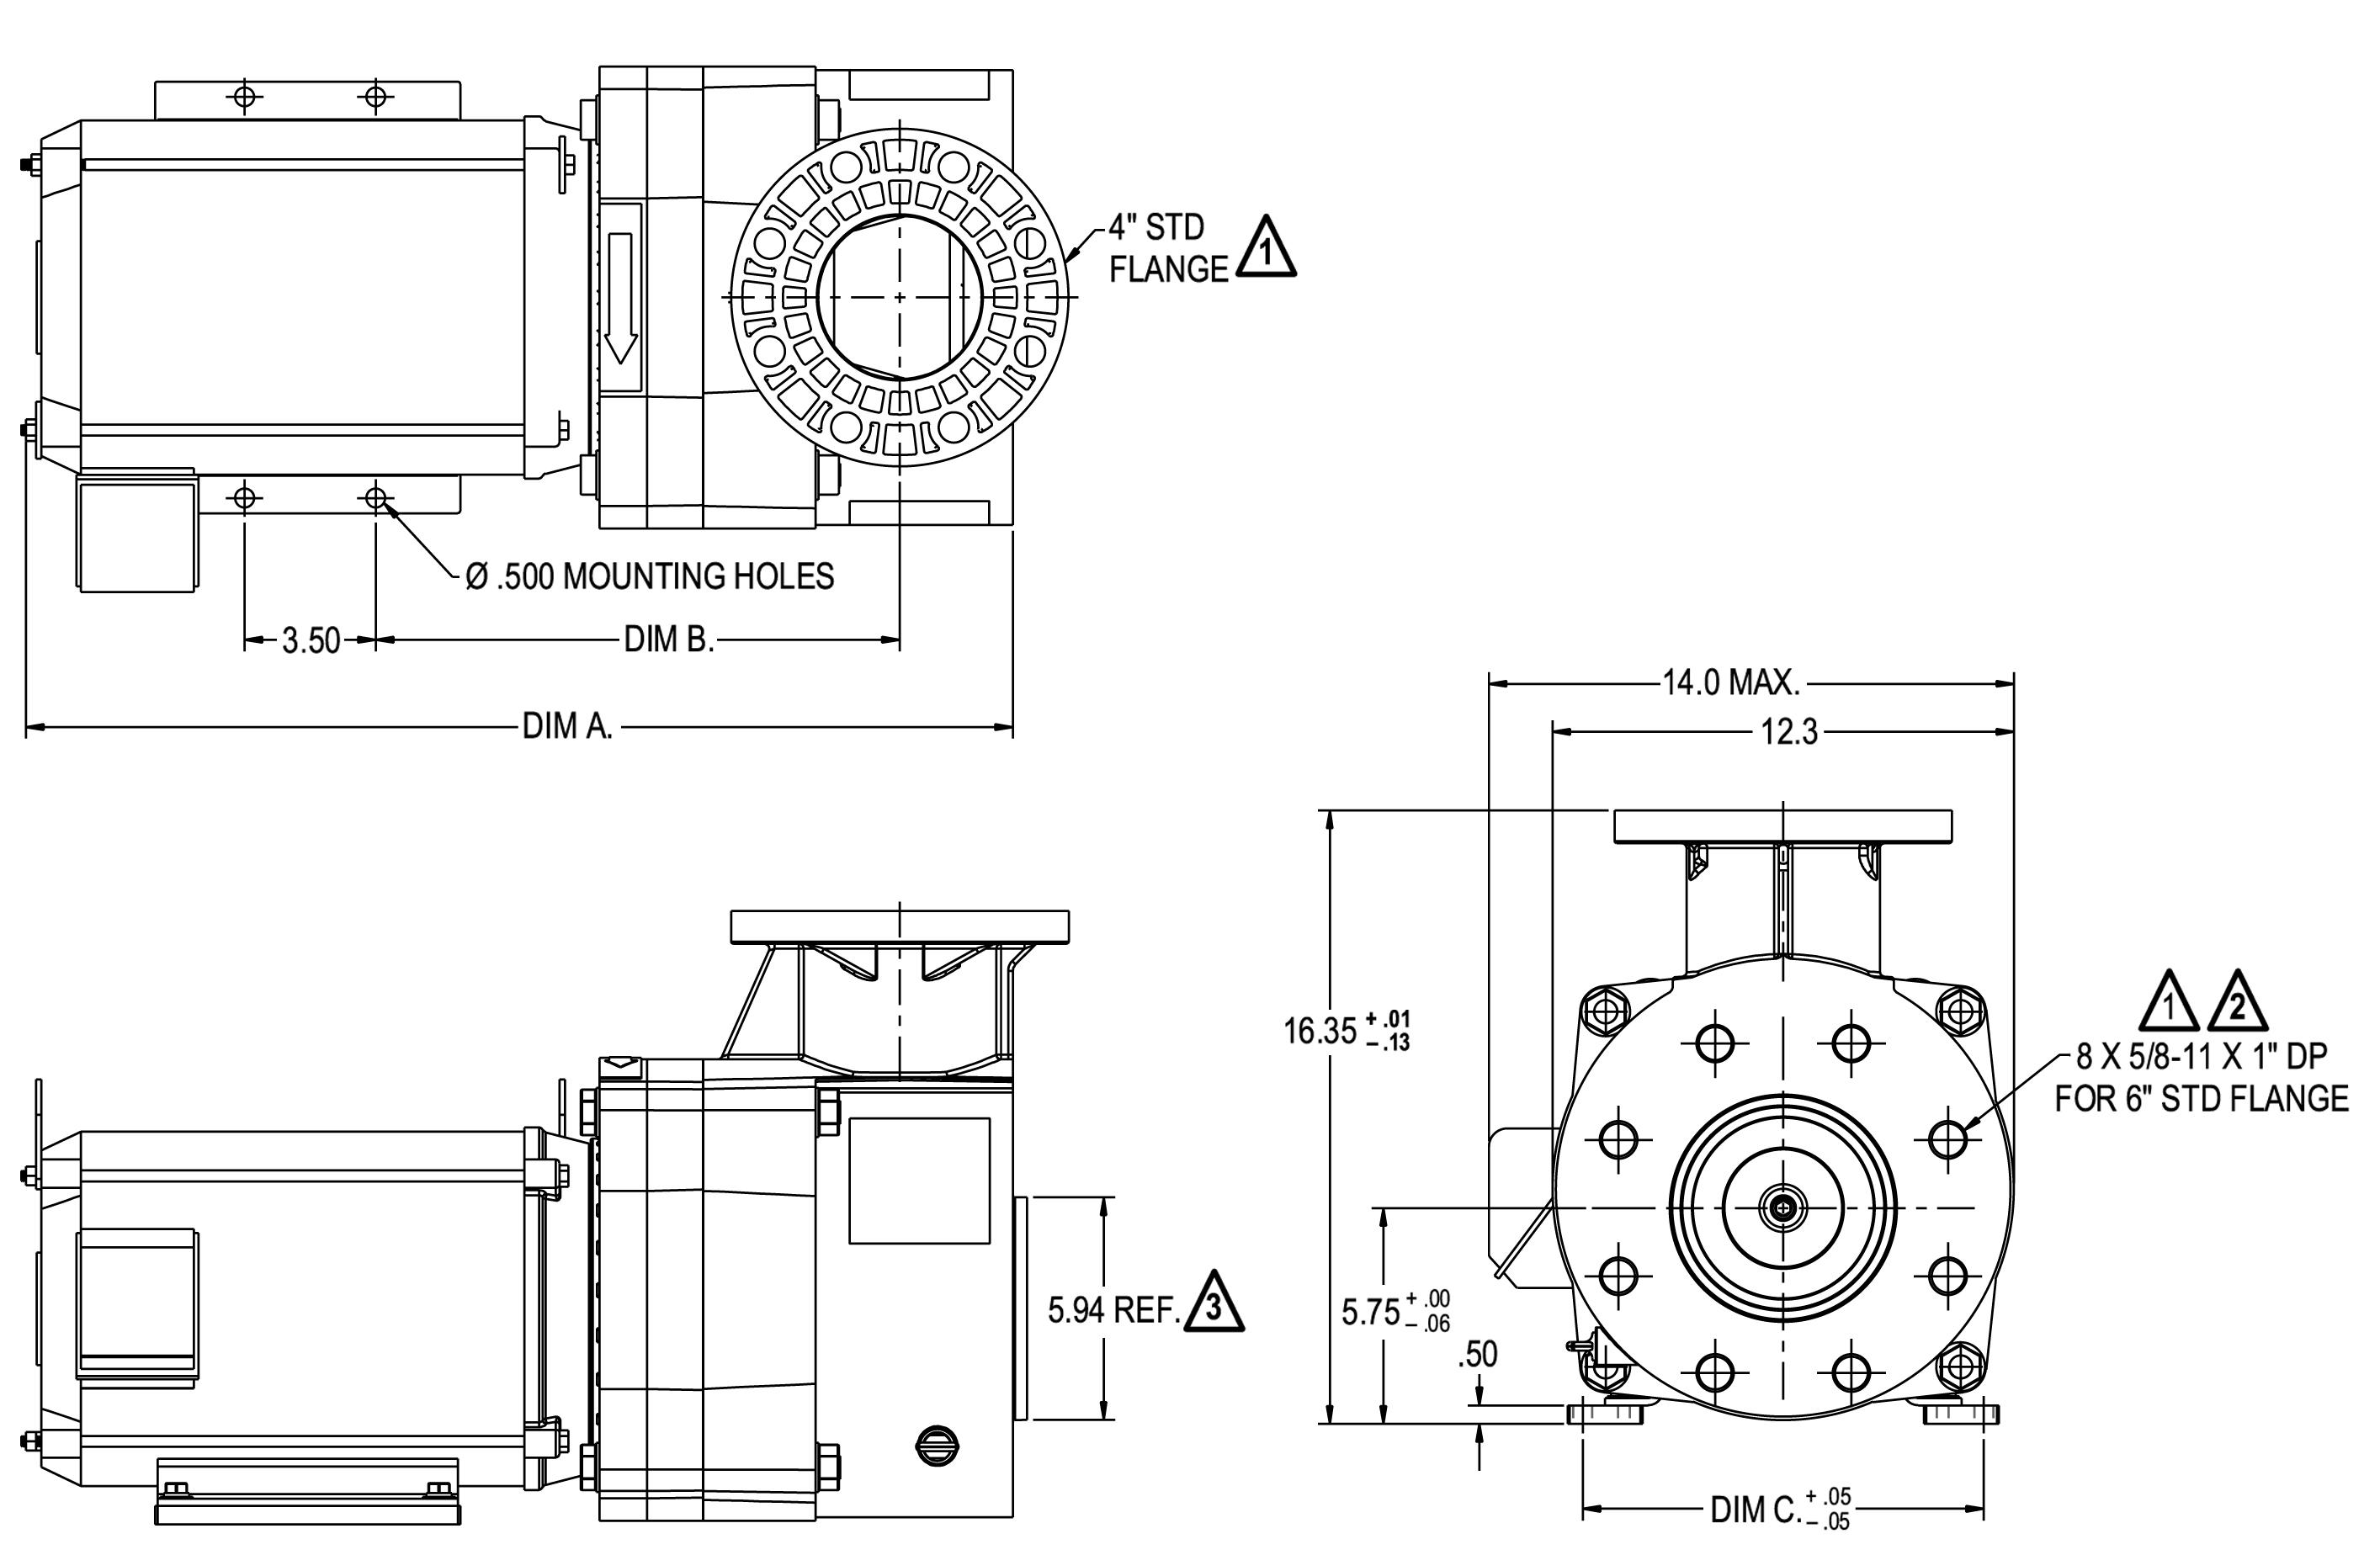 Pentair Pool Equipment Wiring Diagrams Broan Wiring